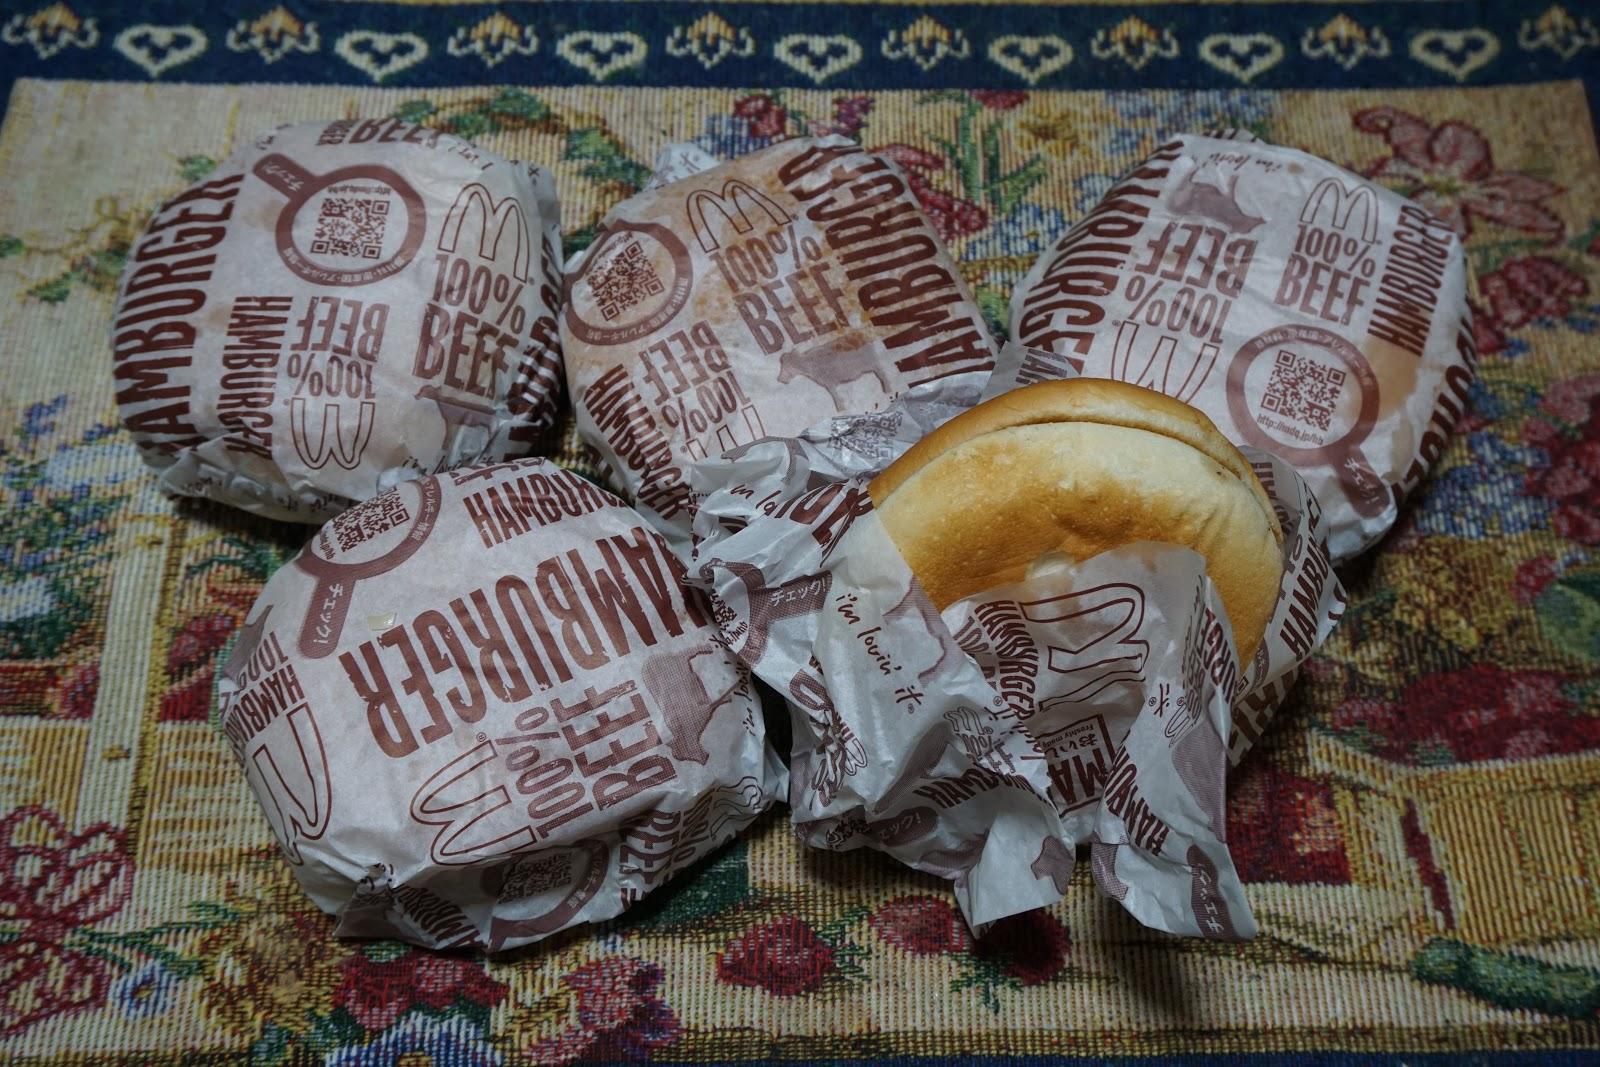 マクドナルドの包装された四つと半分だけ開かれた一つのハンバーガー